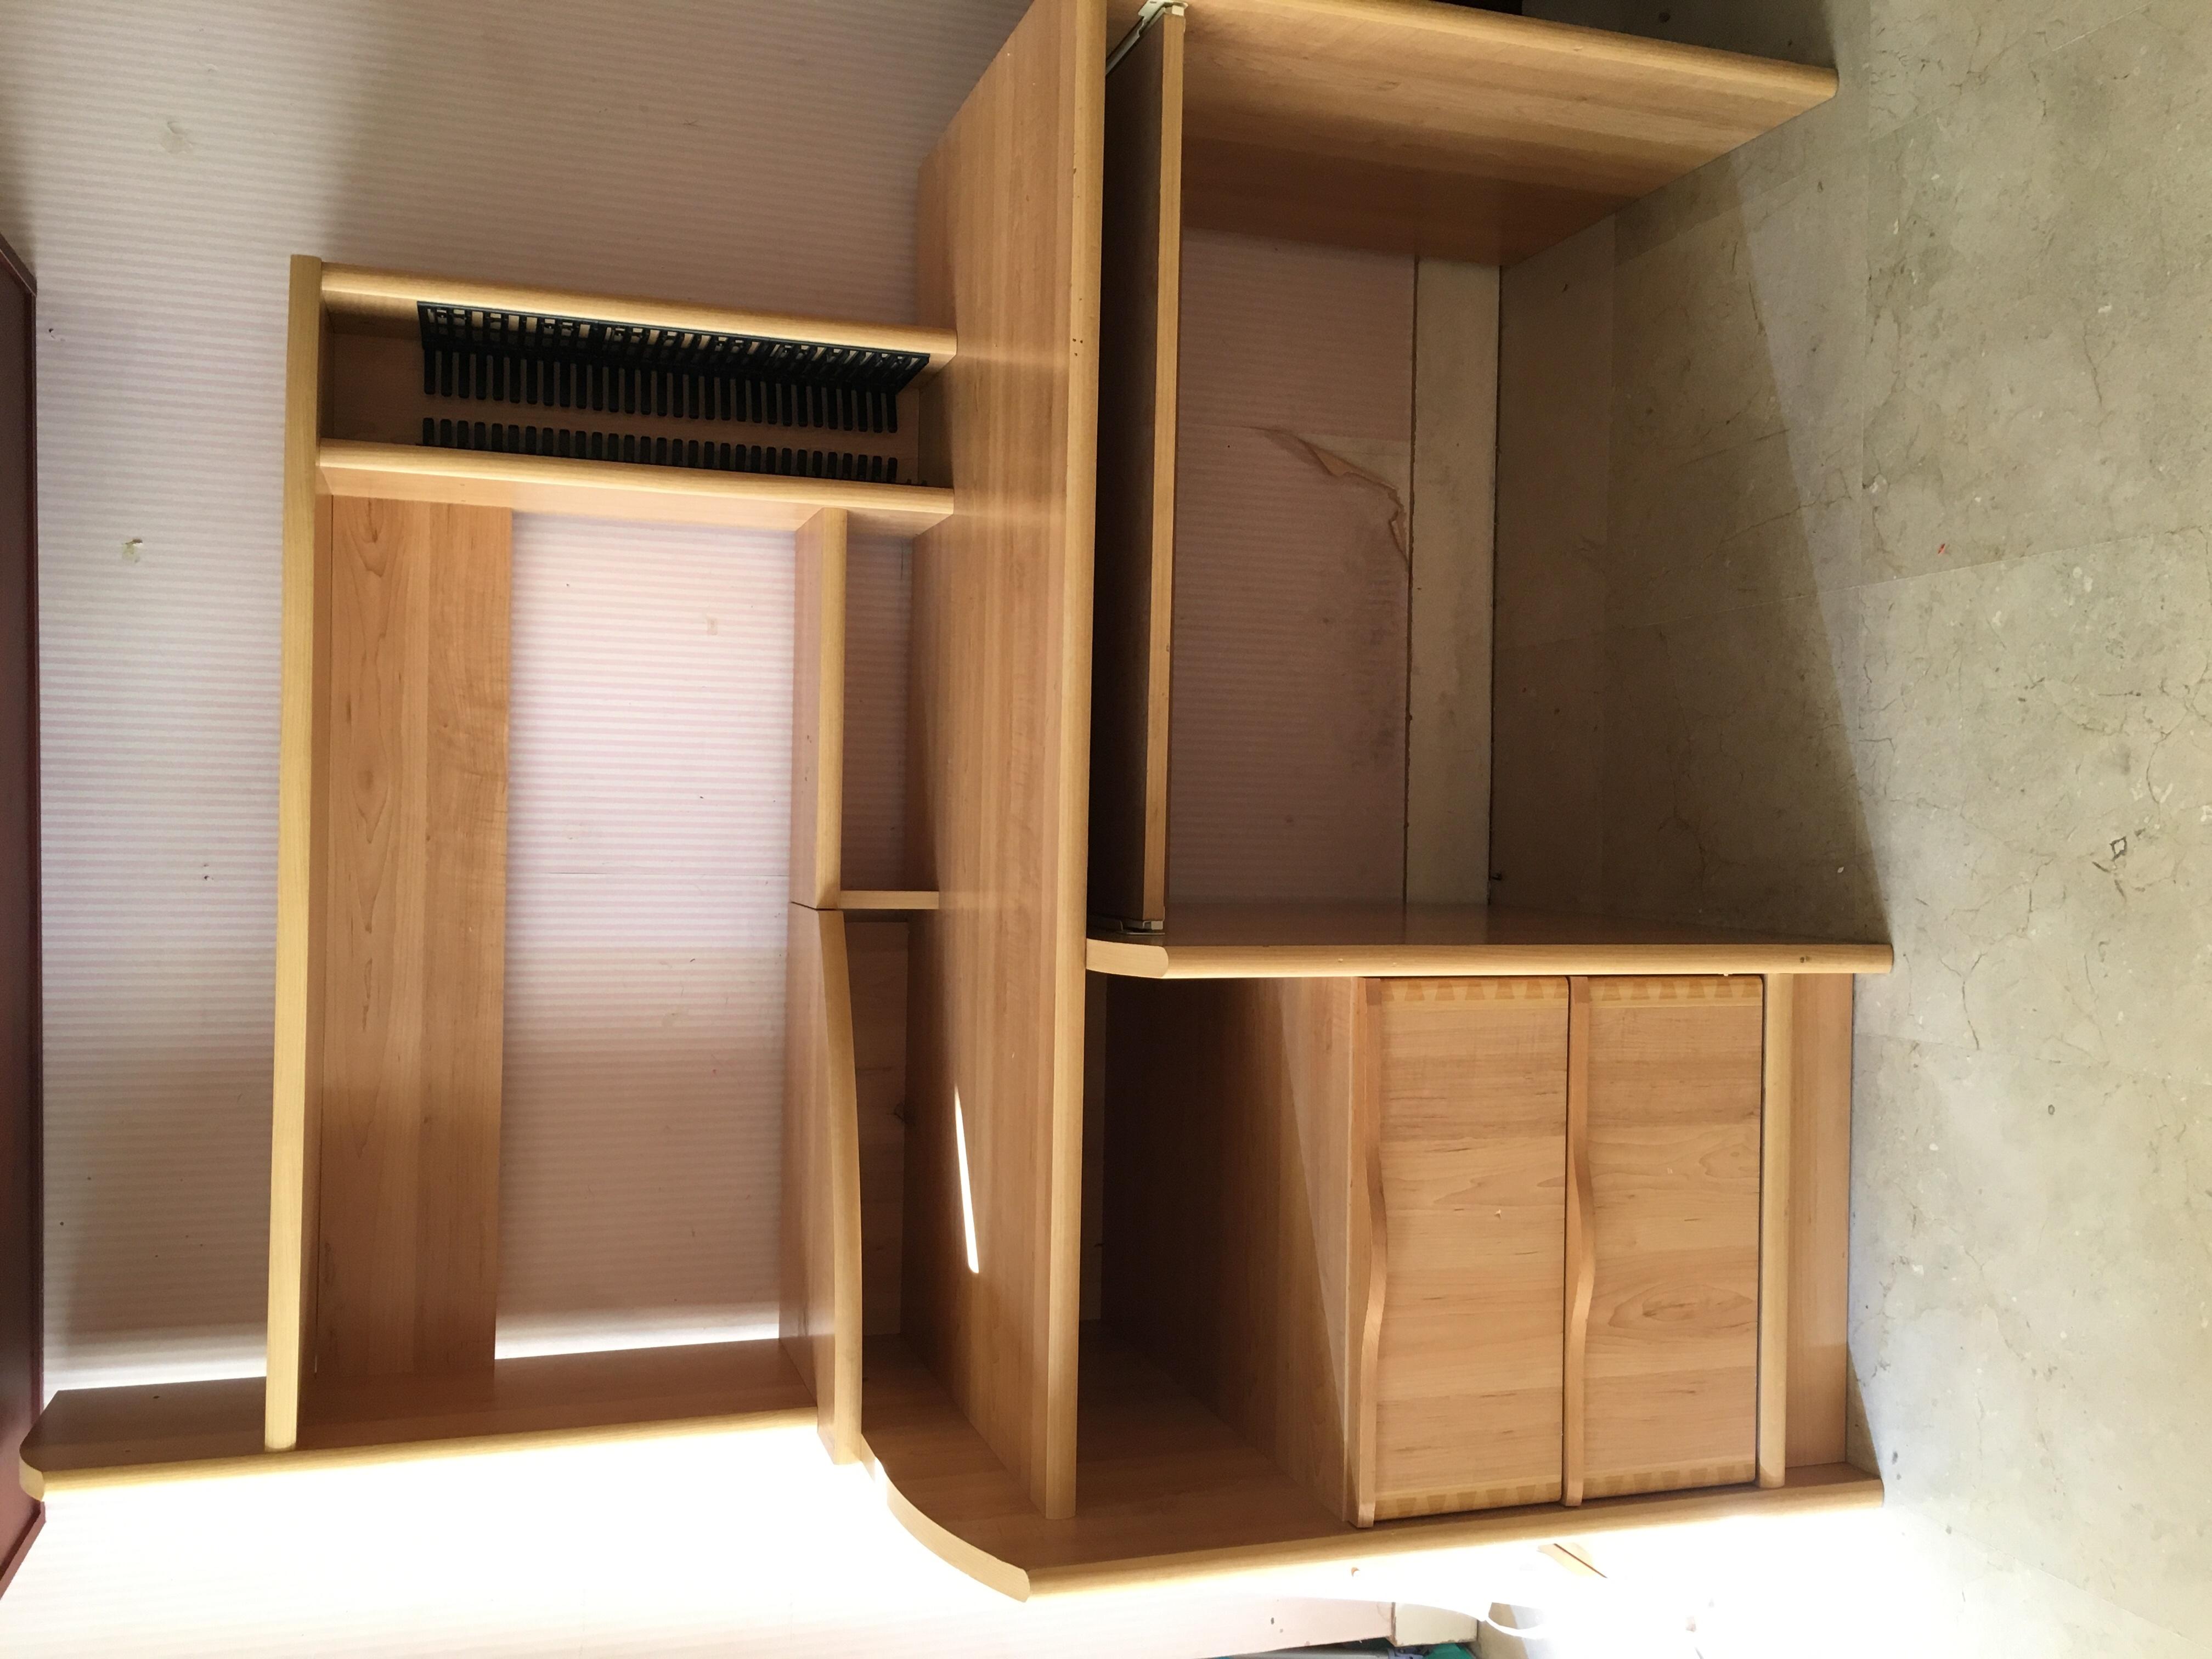 Don bureau en bois clair occasion annonce neuilly sur - Bureau bois occasion ...